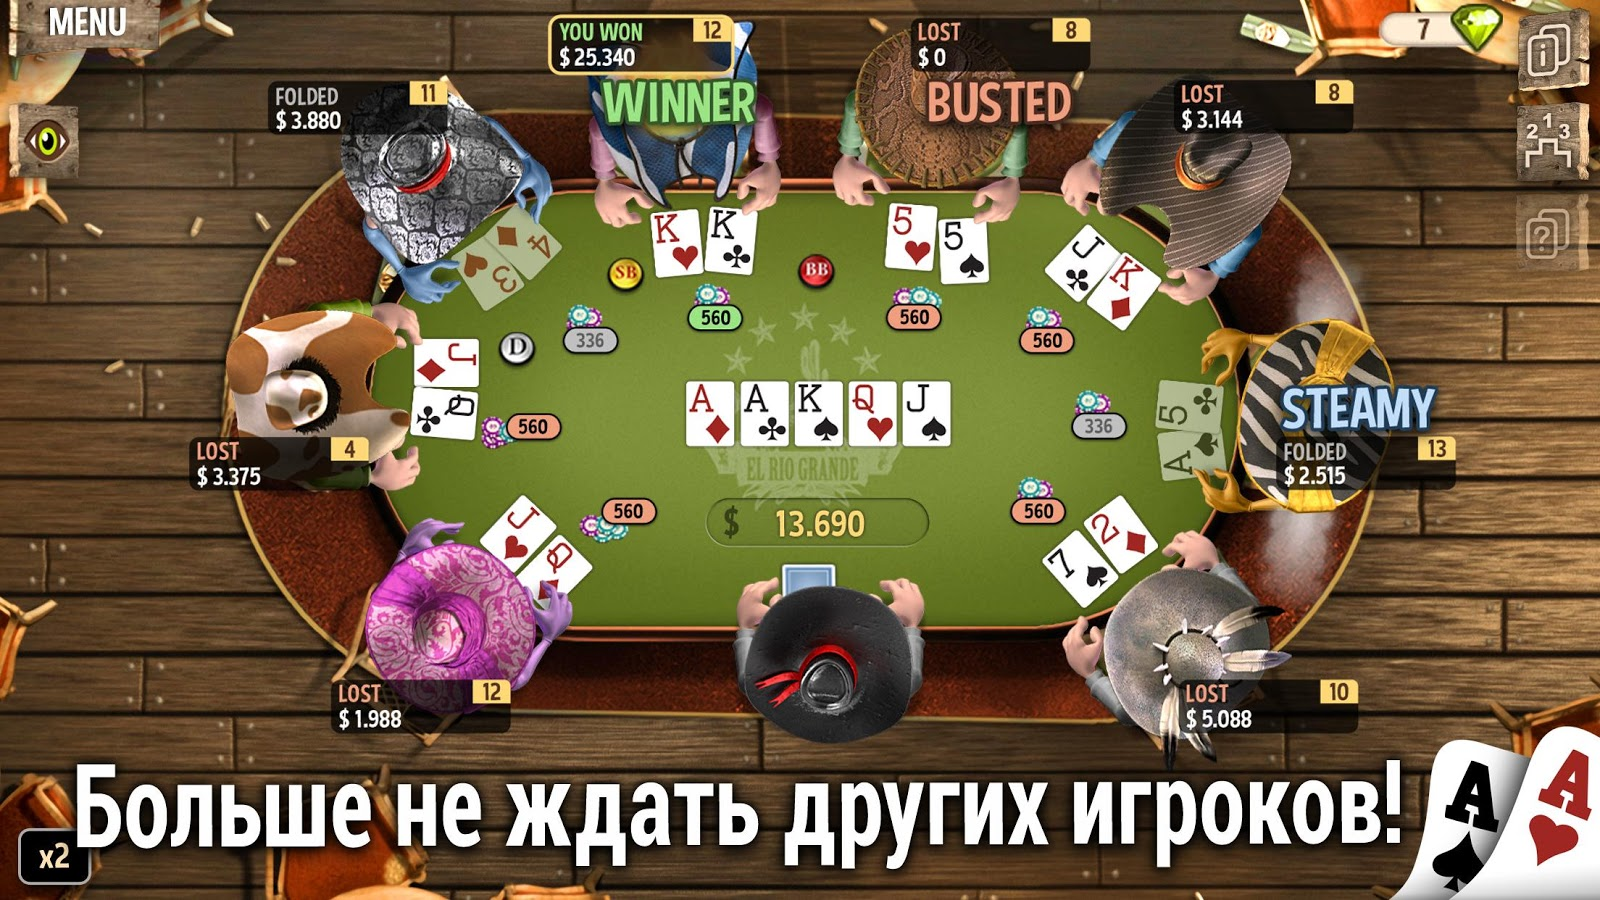 бесплатно игры играть покера в 2 король онлайн